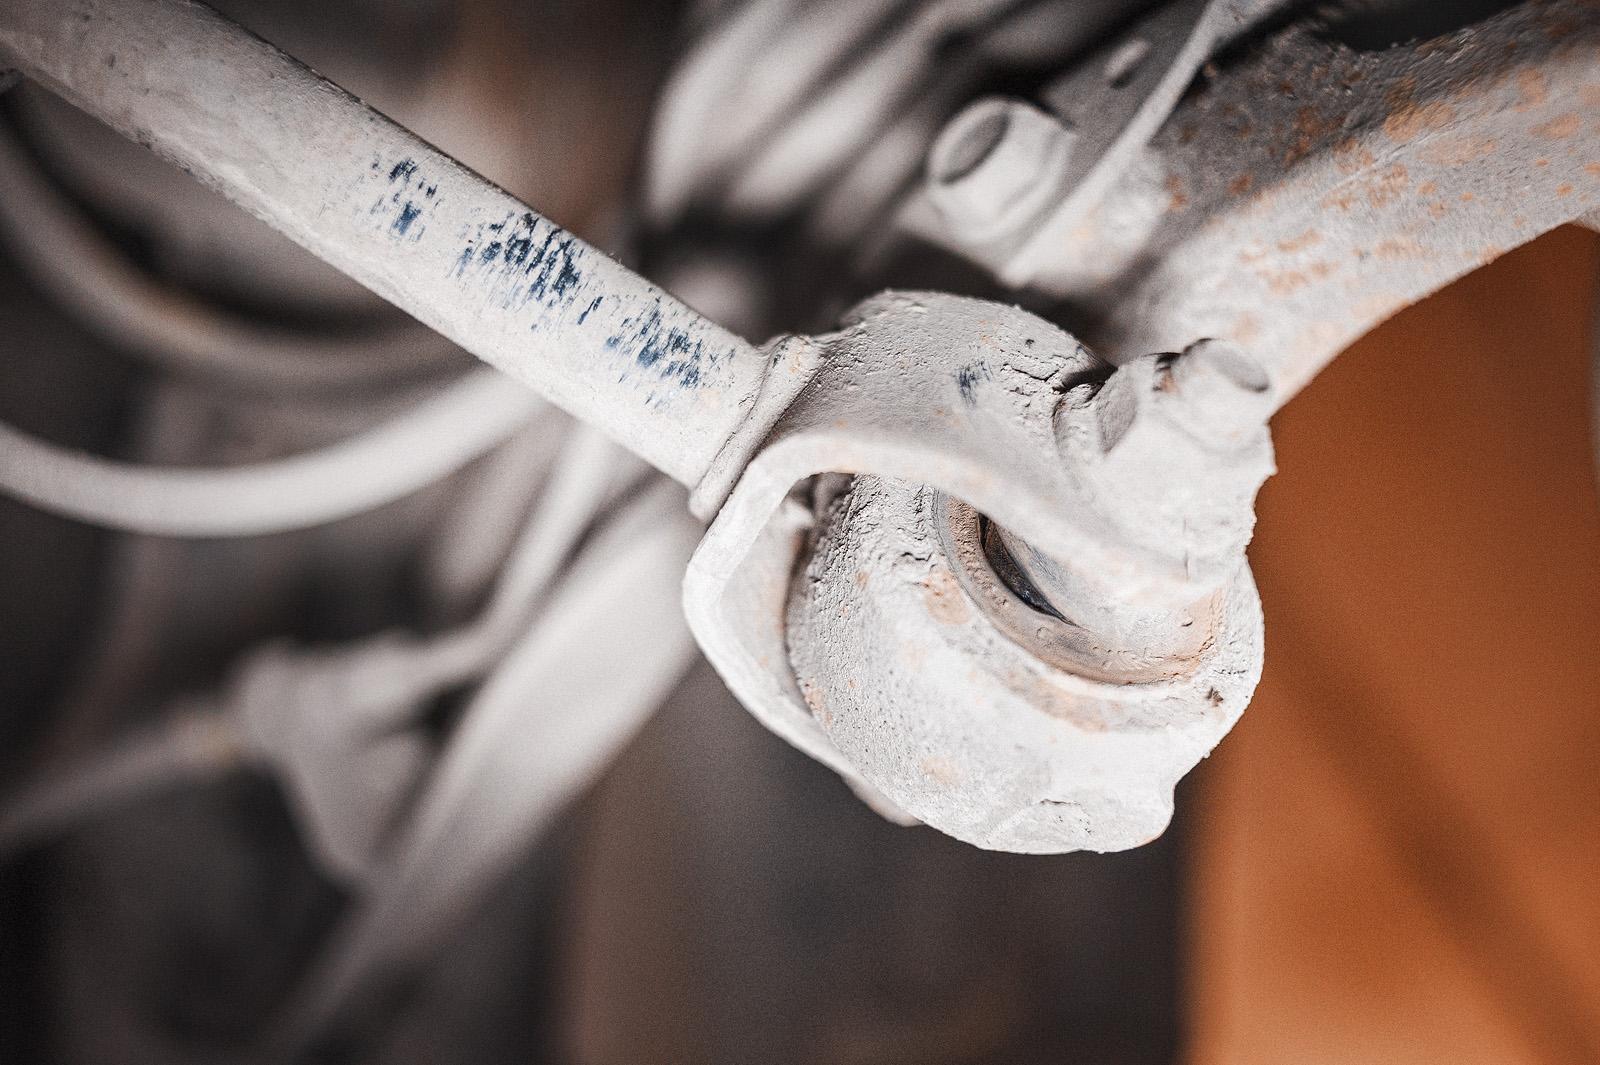 Повреждения сайлентблока заднего кулака